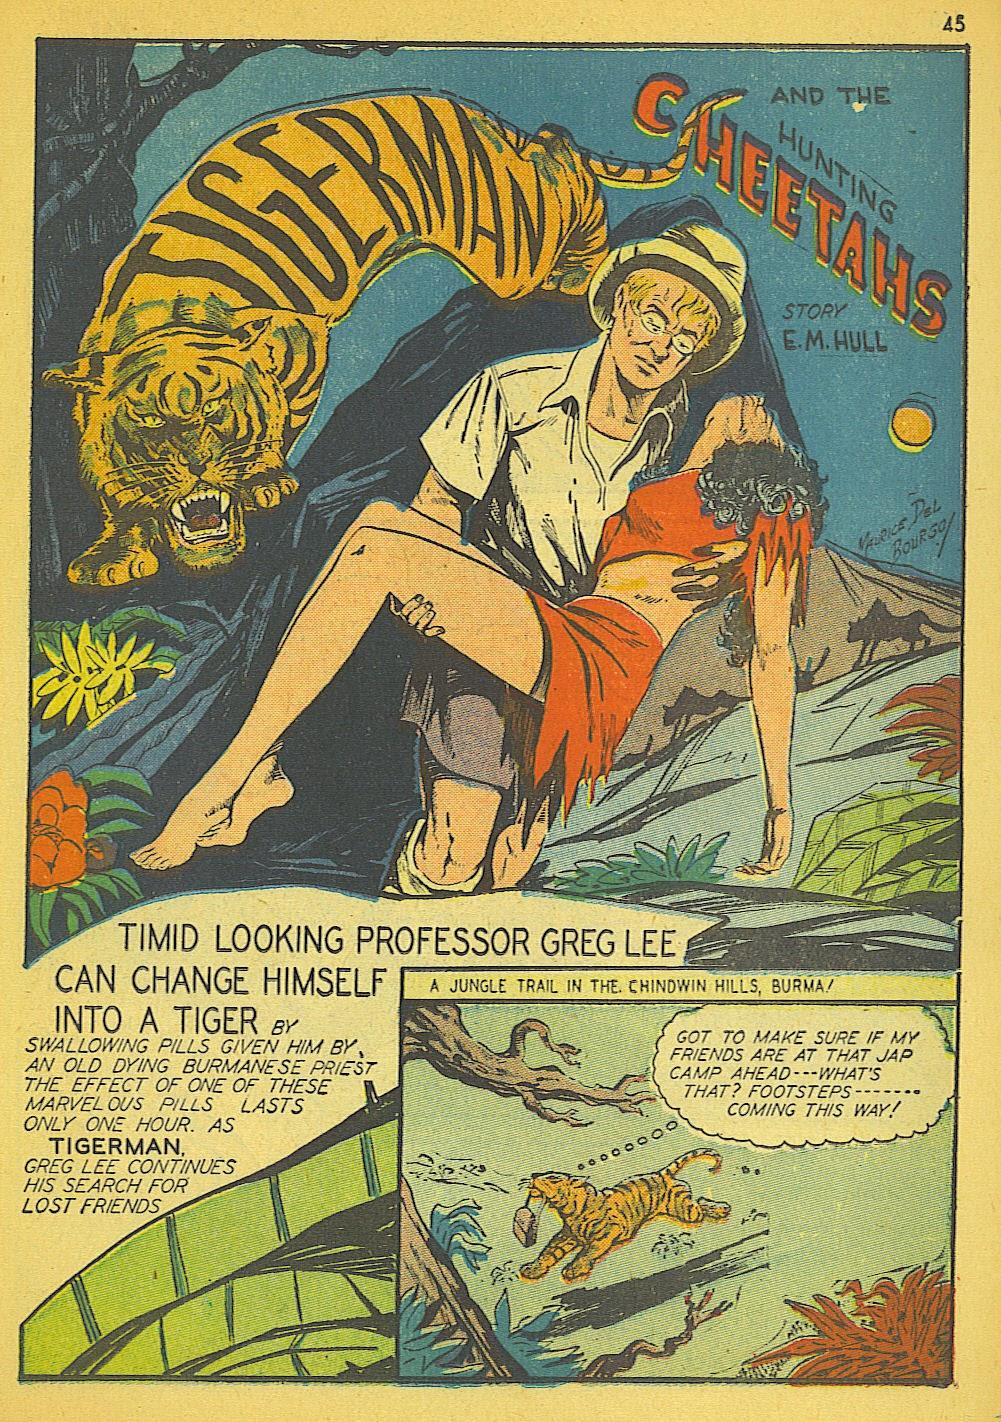 Read online Super-Magician Comics comic -  Issue #19 - 37